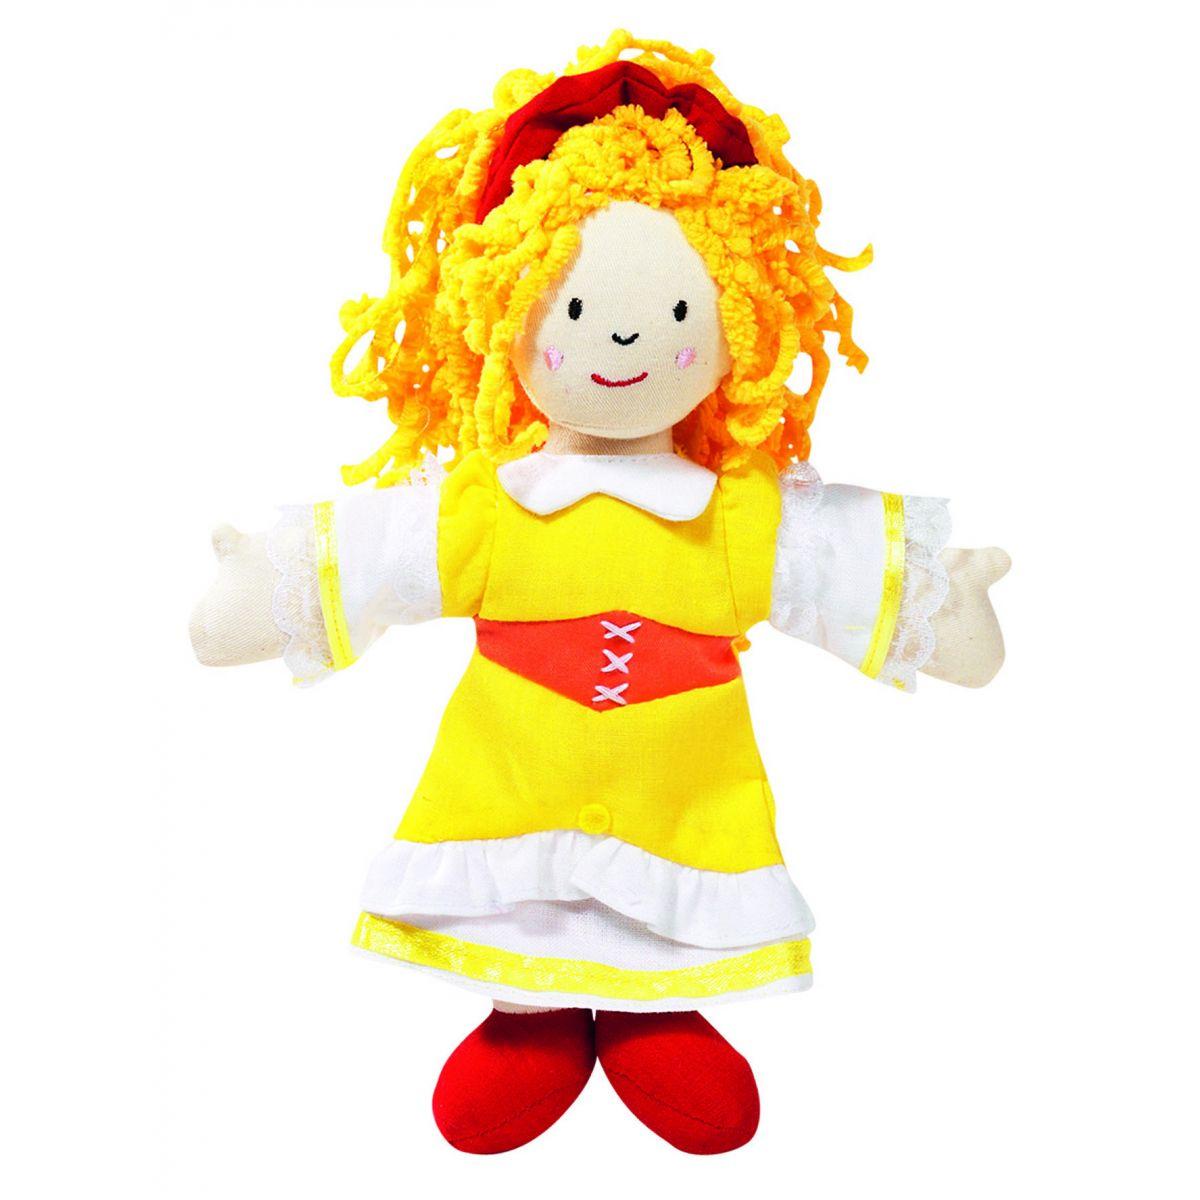 Poup e fille karry habiller avec 6 tenues partir de 3 ans sebio - Habiller des filles gratuit ...